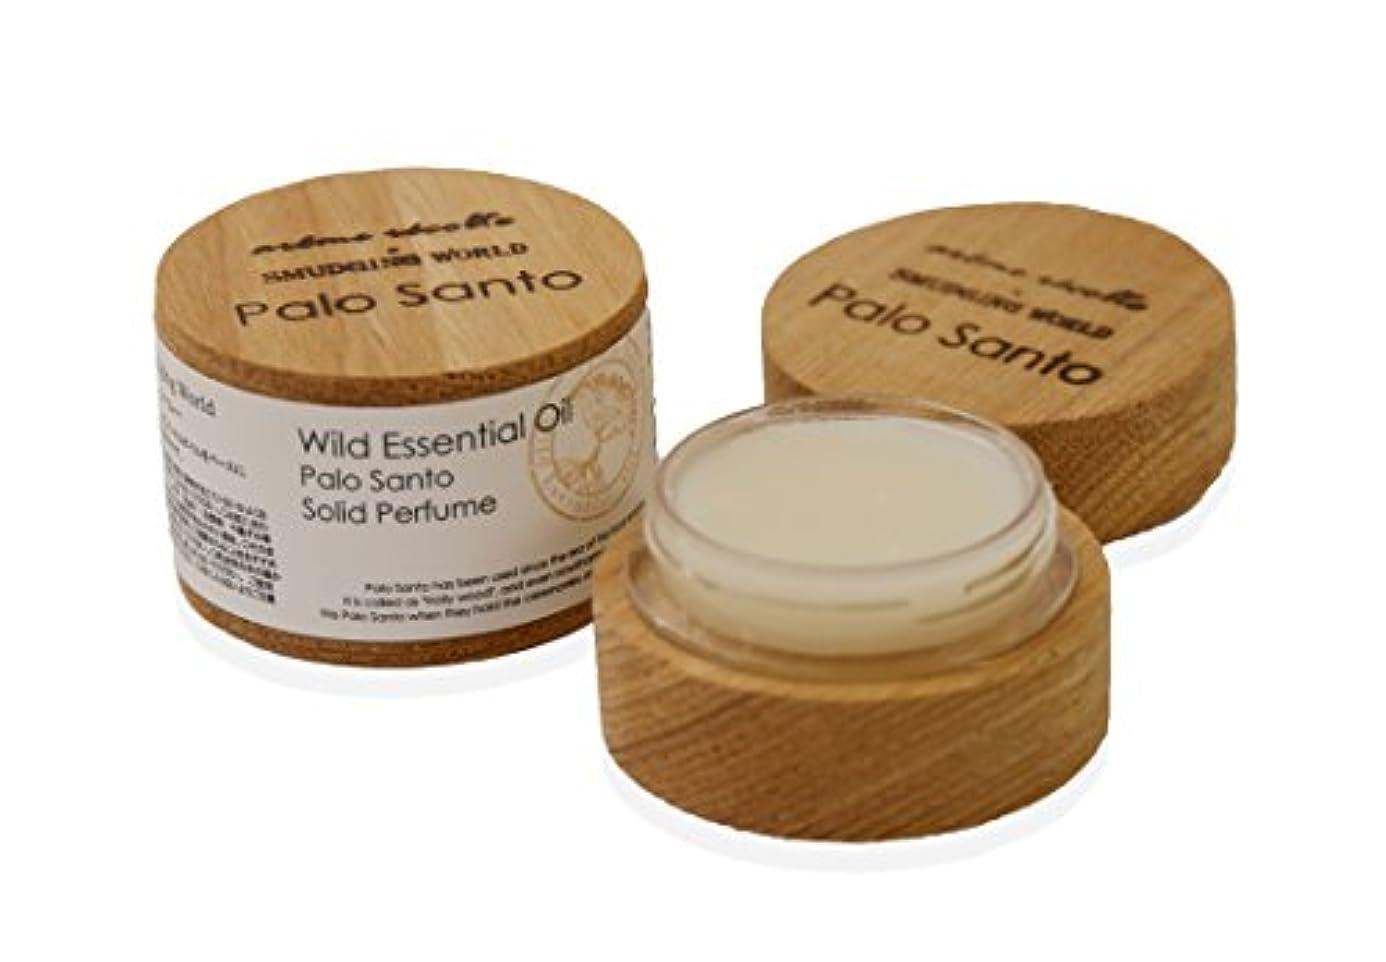 分割仮定、想定。推測できればアロマレコルト ソリッドパフューム パロサント 【Palo Santo】 ワイルド エッセンシャルオイル wild essential oil solid parfum arome recolte